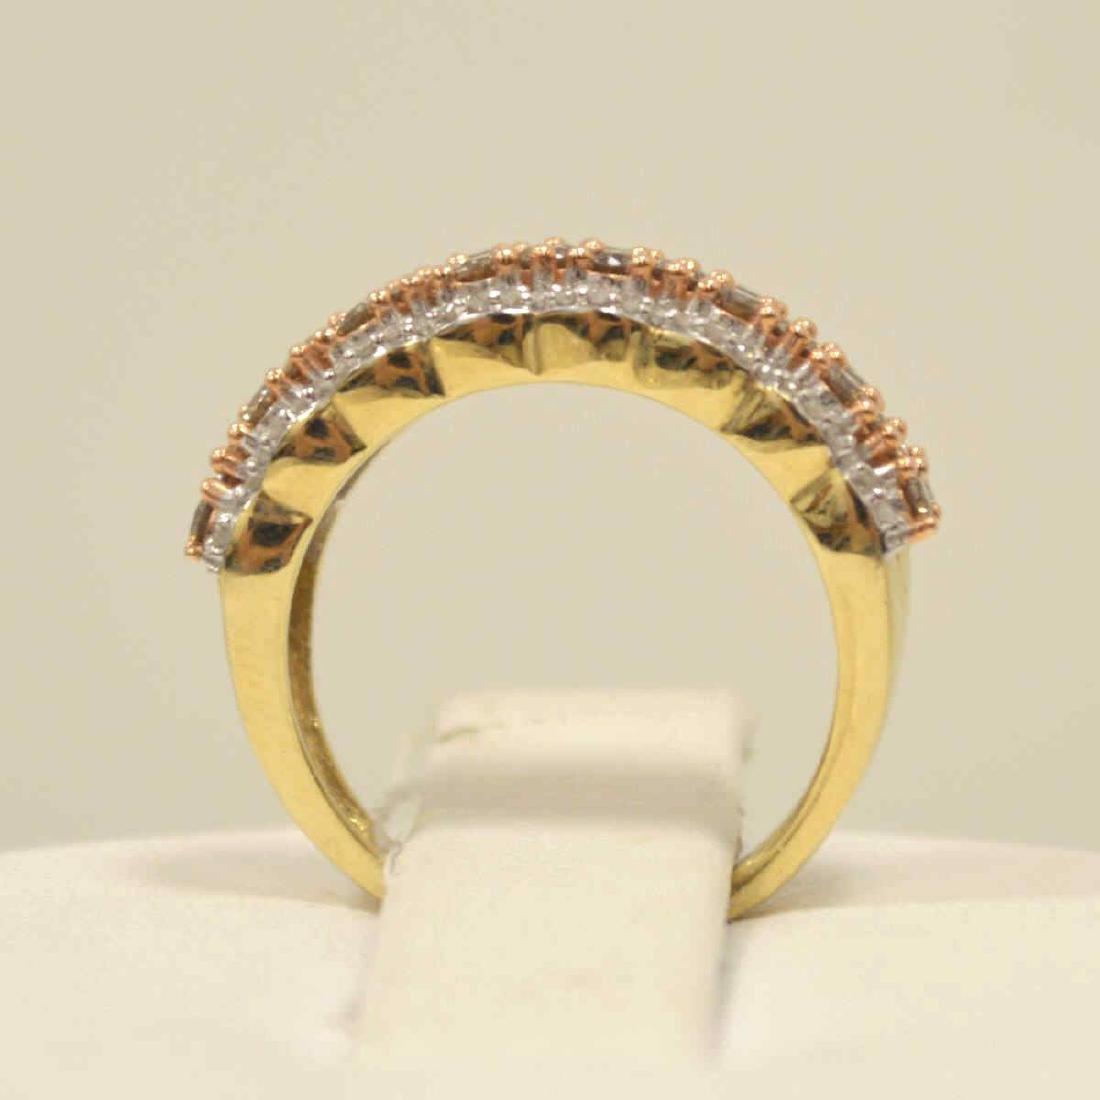 10kt yellow gold diamond fashion band - 3